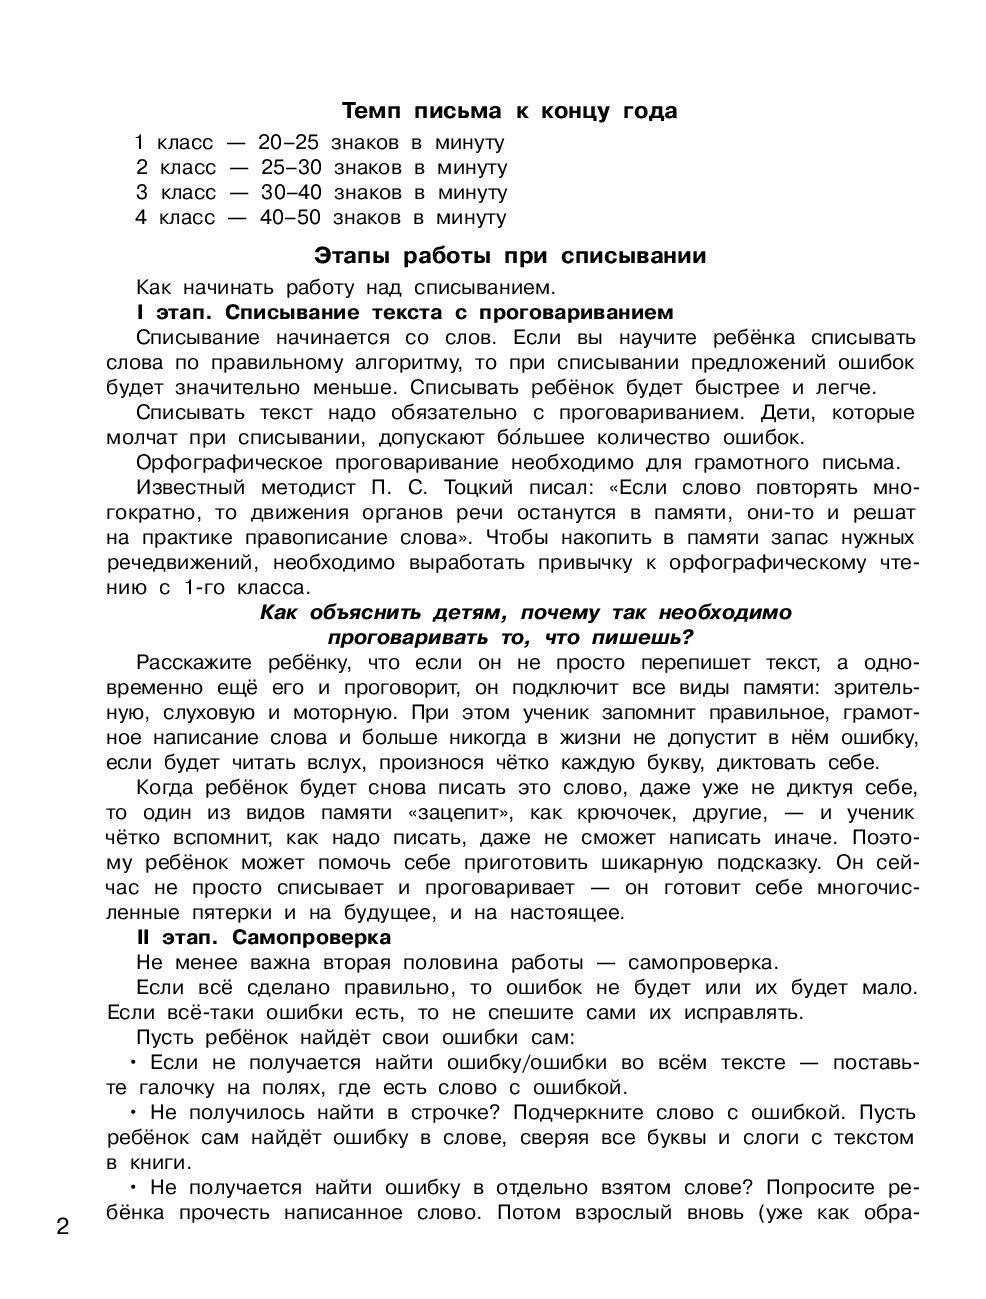 Творческое списывание по русскому языку 5 класс